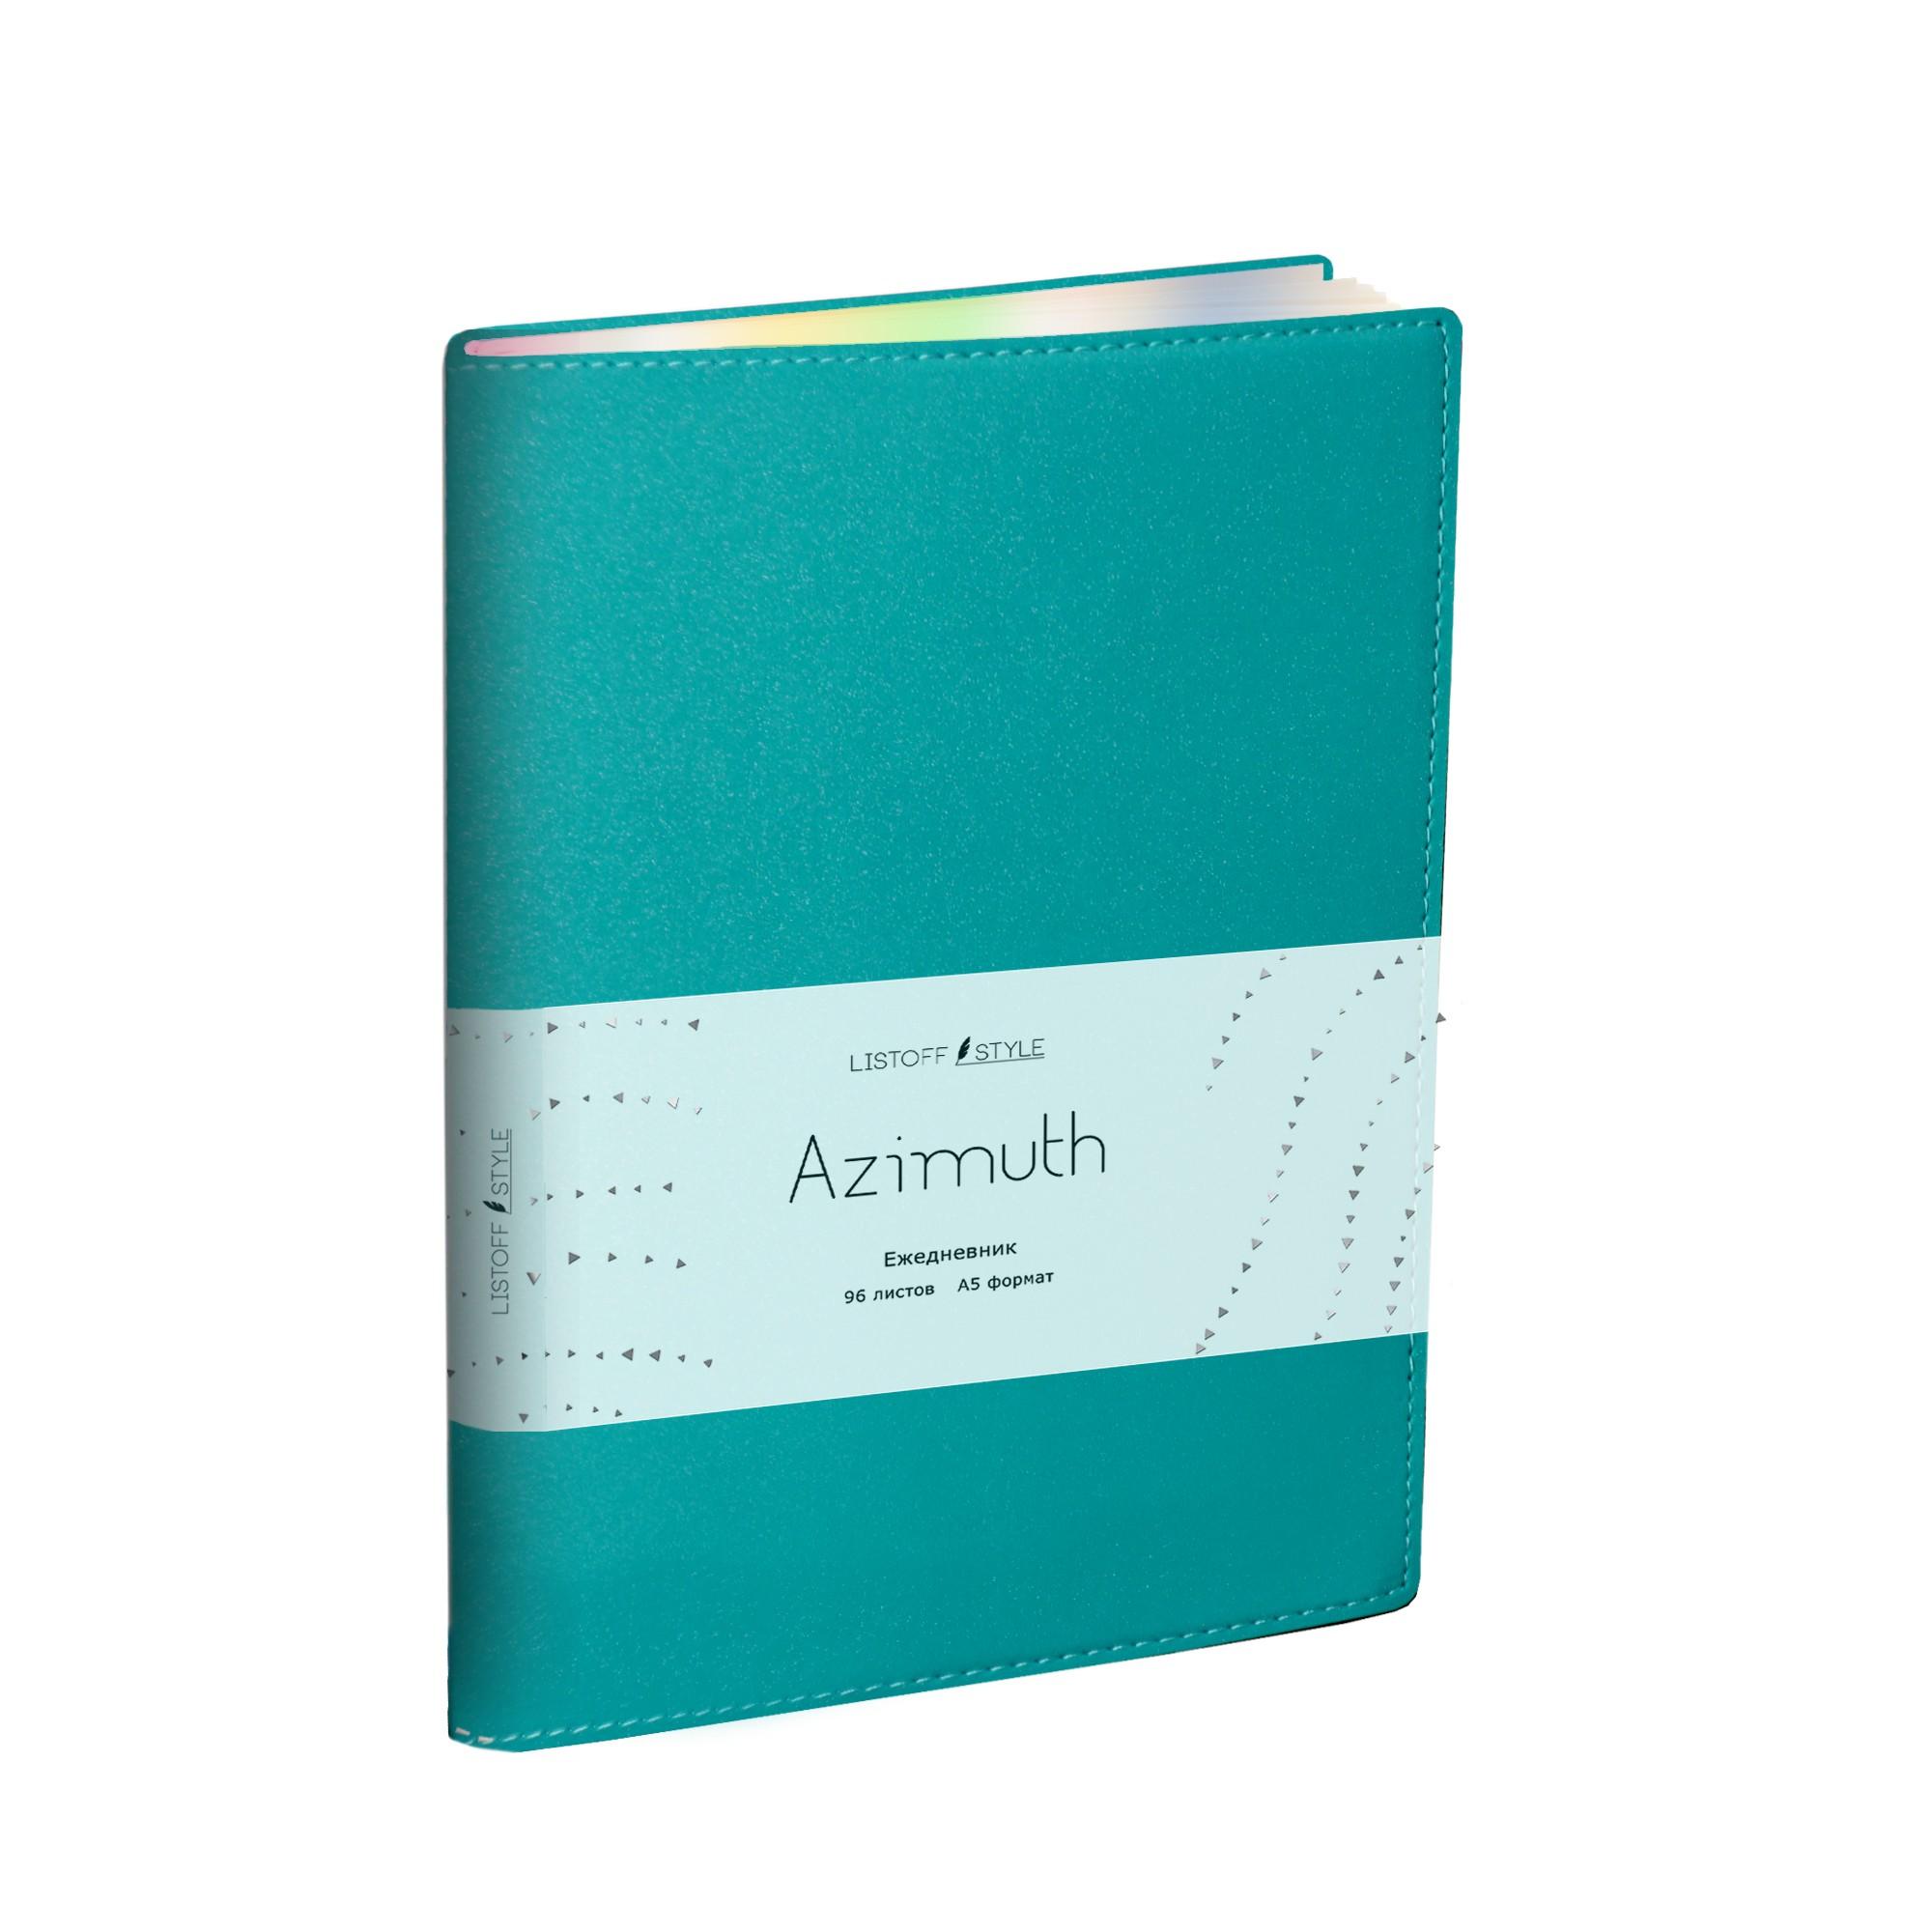 Ежедневник А5 Azimuth. 2 бирюзовый